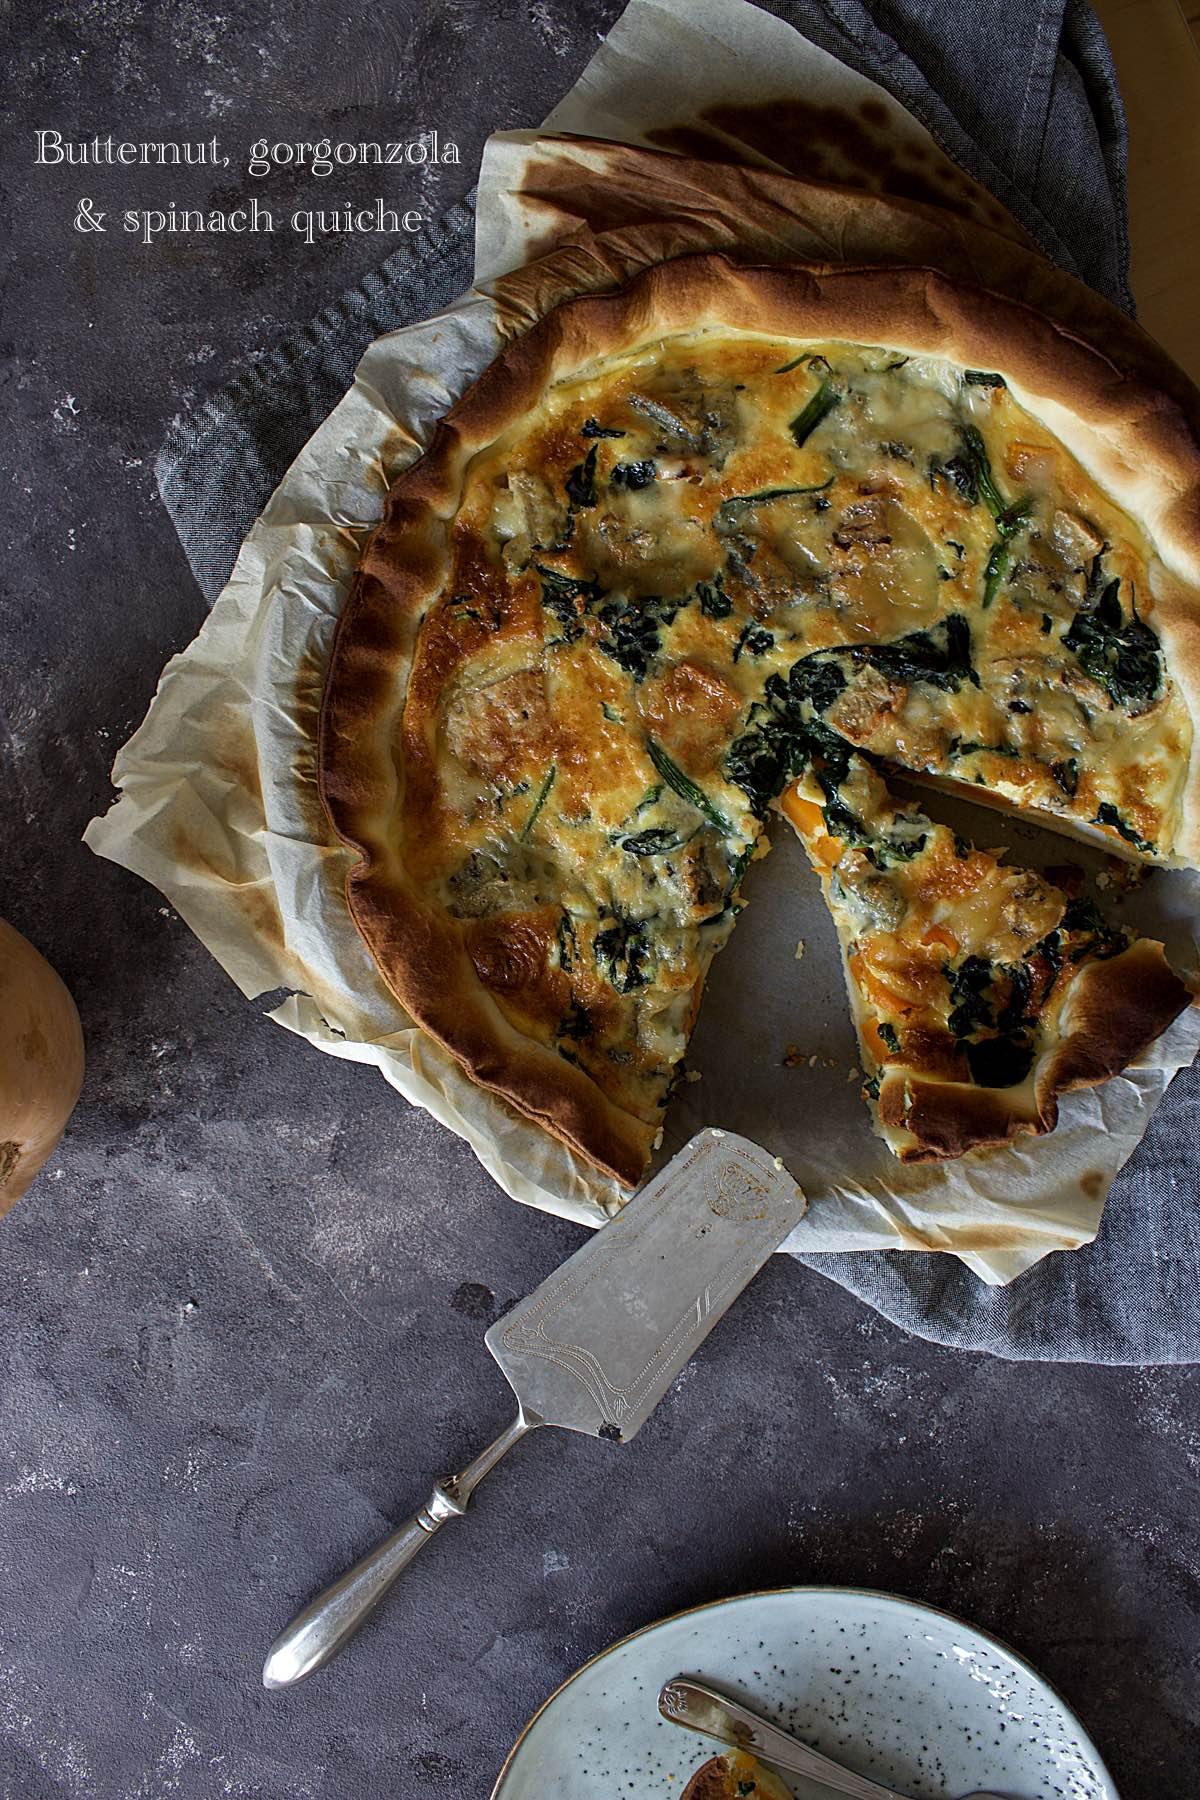 Quiche à la butternut, épinards et gorgonzola